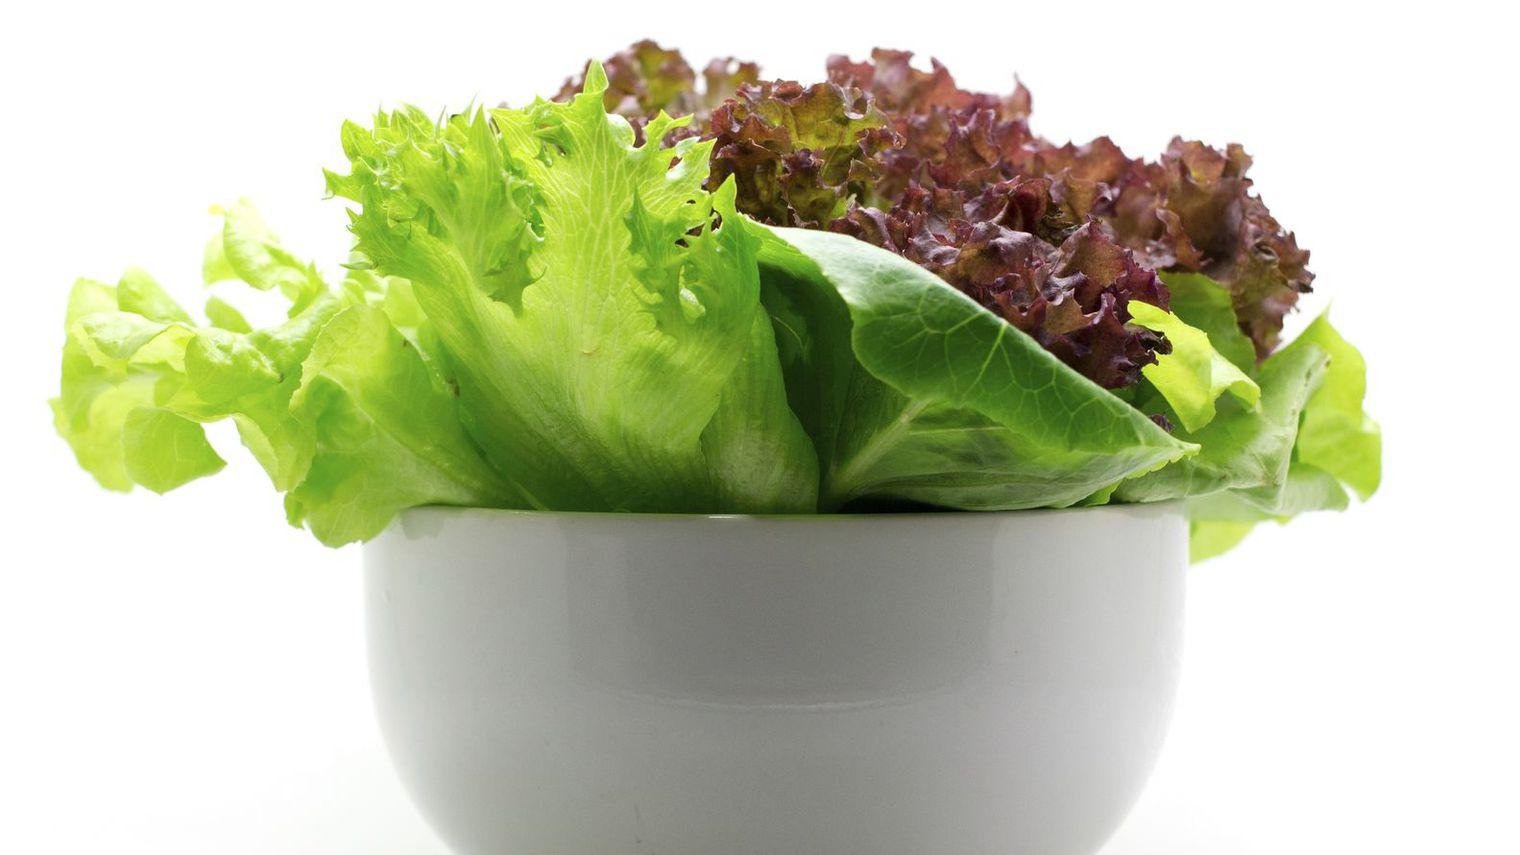 Maigrir avec la m thode montignac phase 1 menu rapide du samedi 30 avril 2016 - Salade verte calorie ...